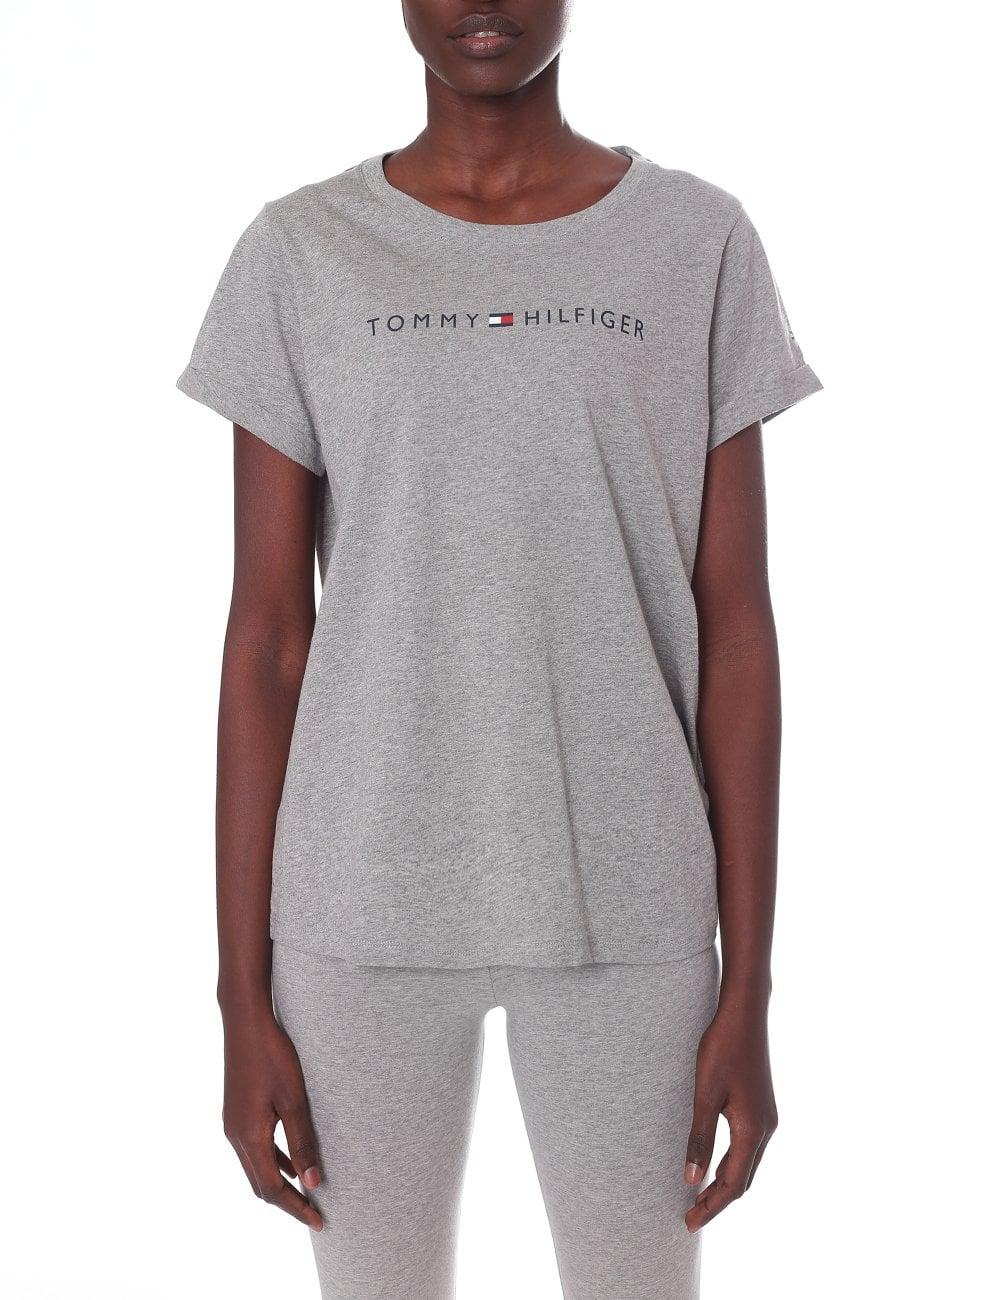 5ff32c2c Tommy Hilfiger Women's Round Neck Short Sleeve Logo Tee